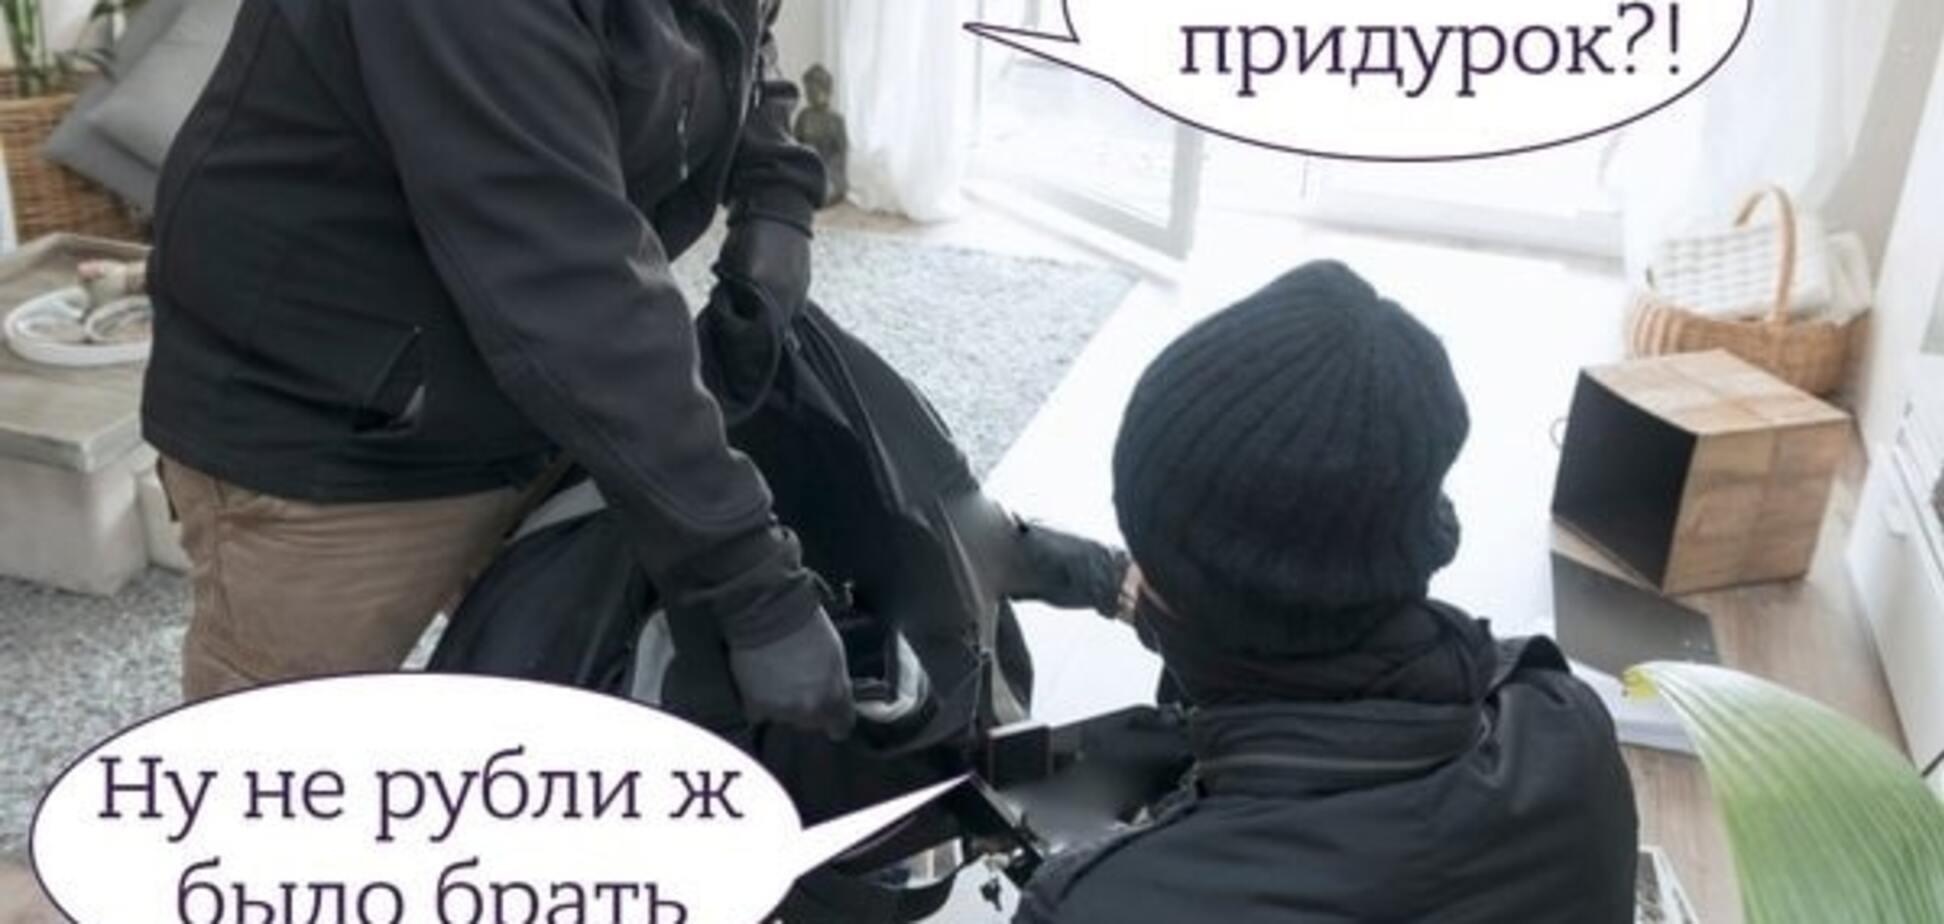 Солити будуть? У Казахстані до 8 Березня вкрали 3 мішки іграшок з секс-шопу